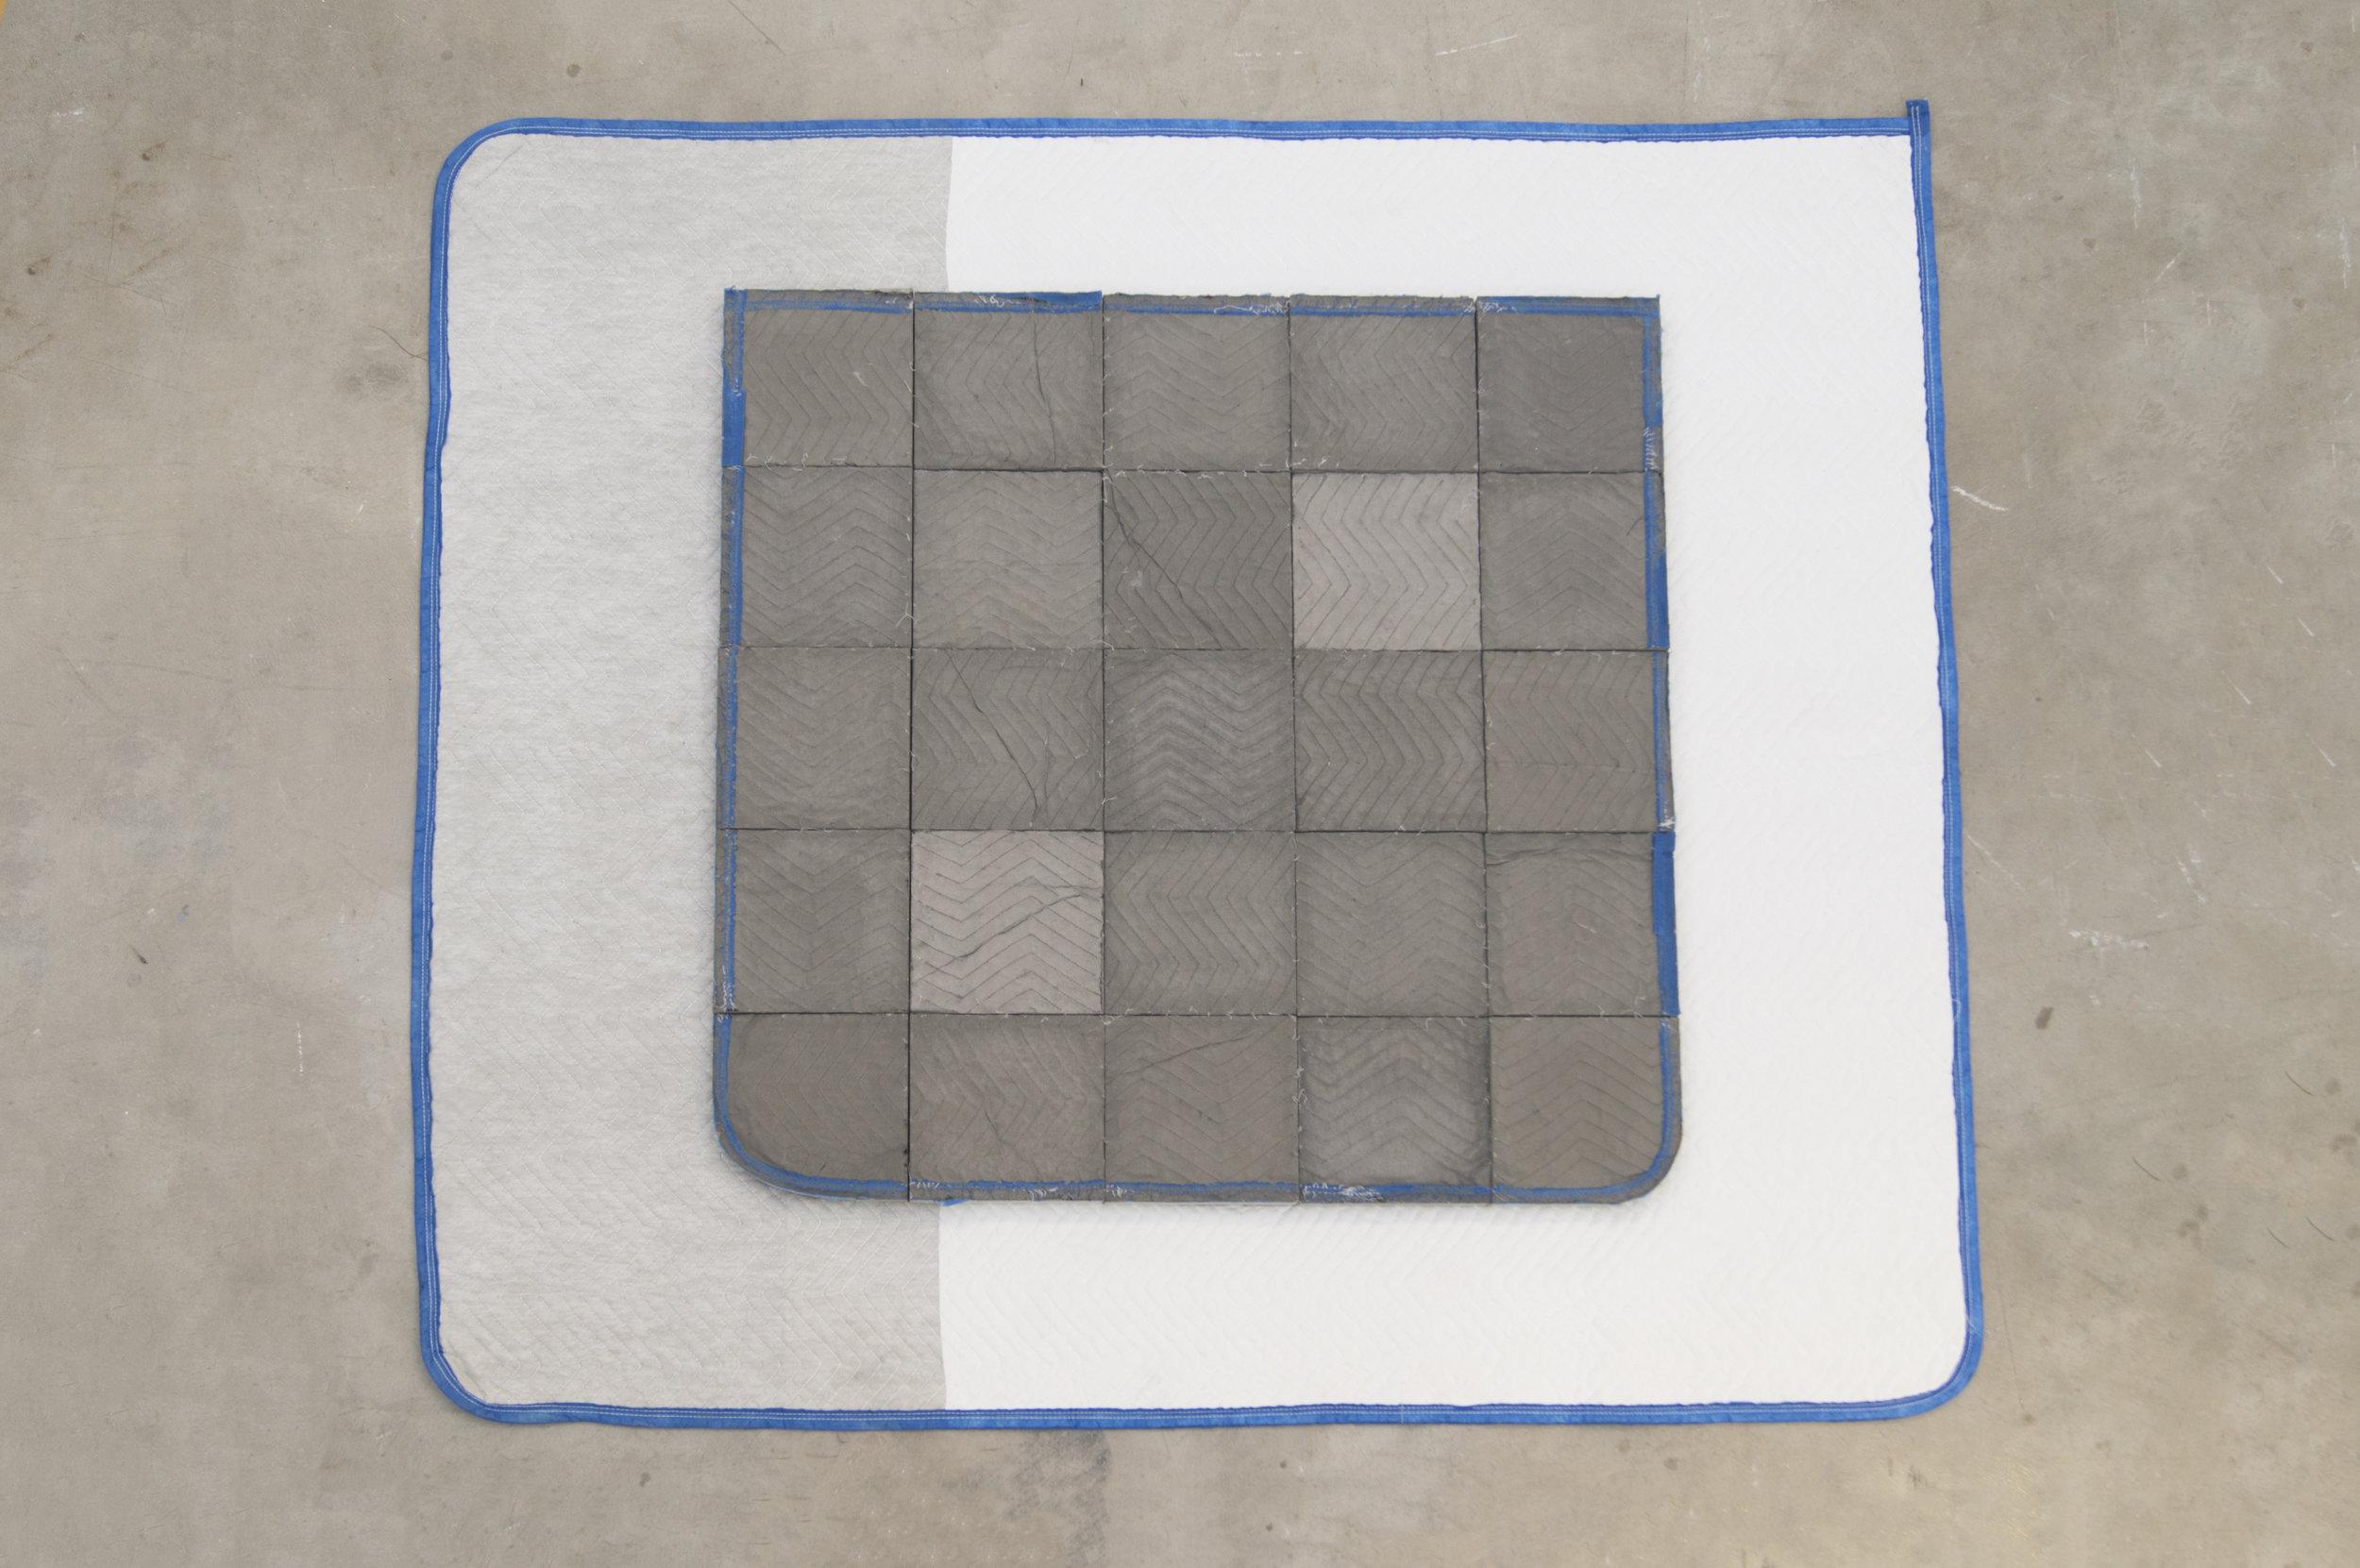 concreteblkt1DSC03387.jpg